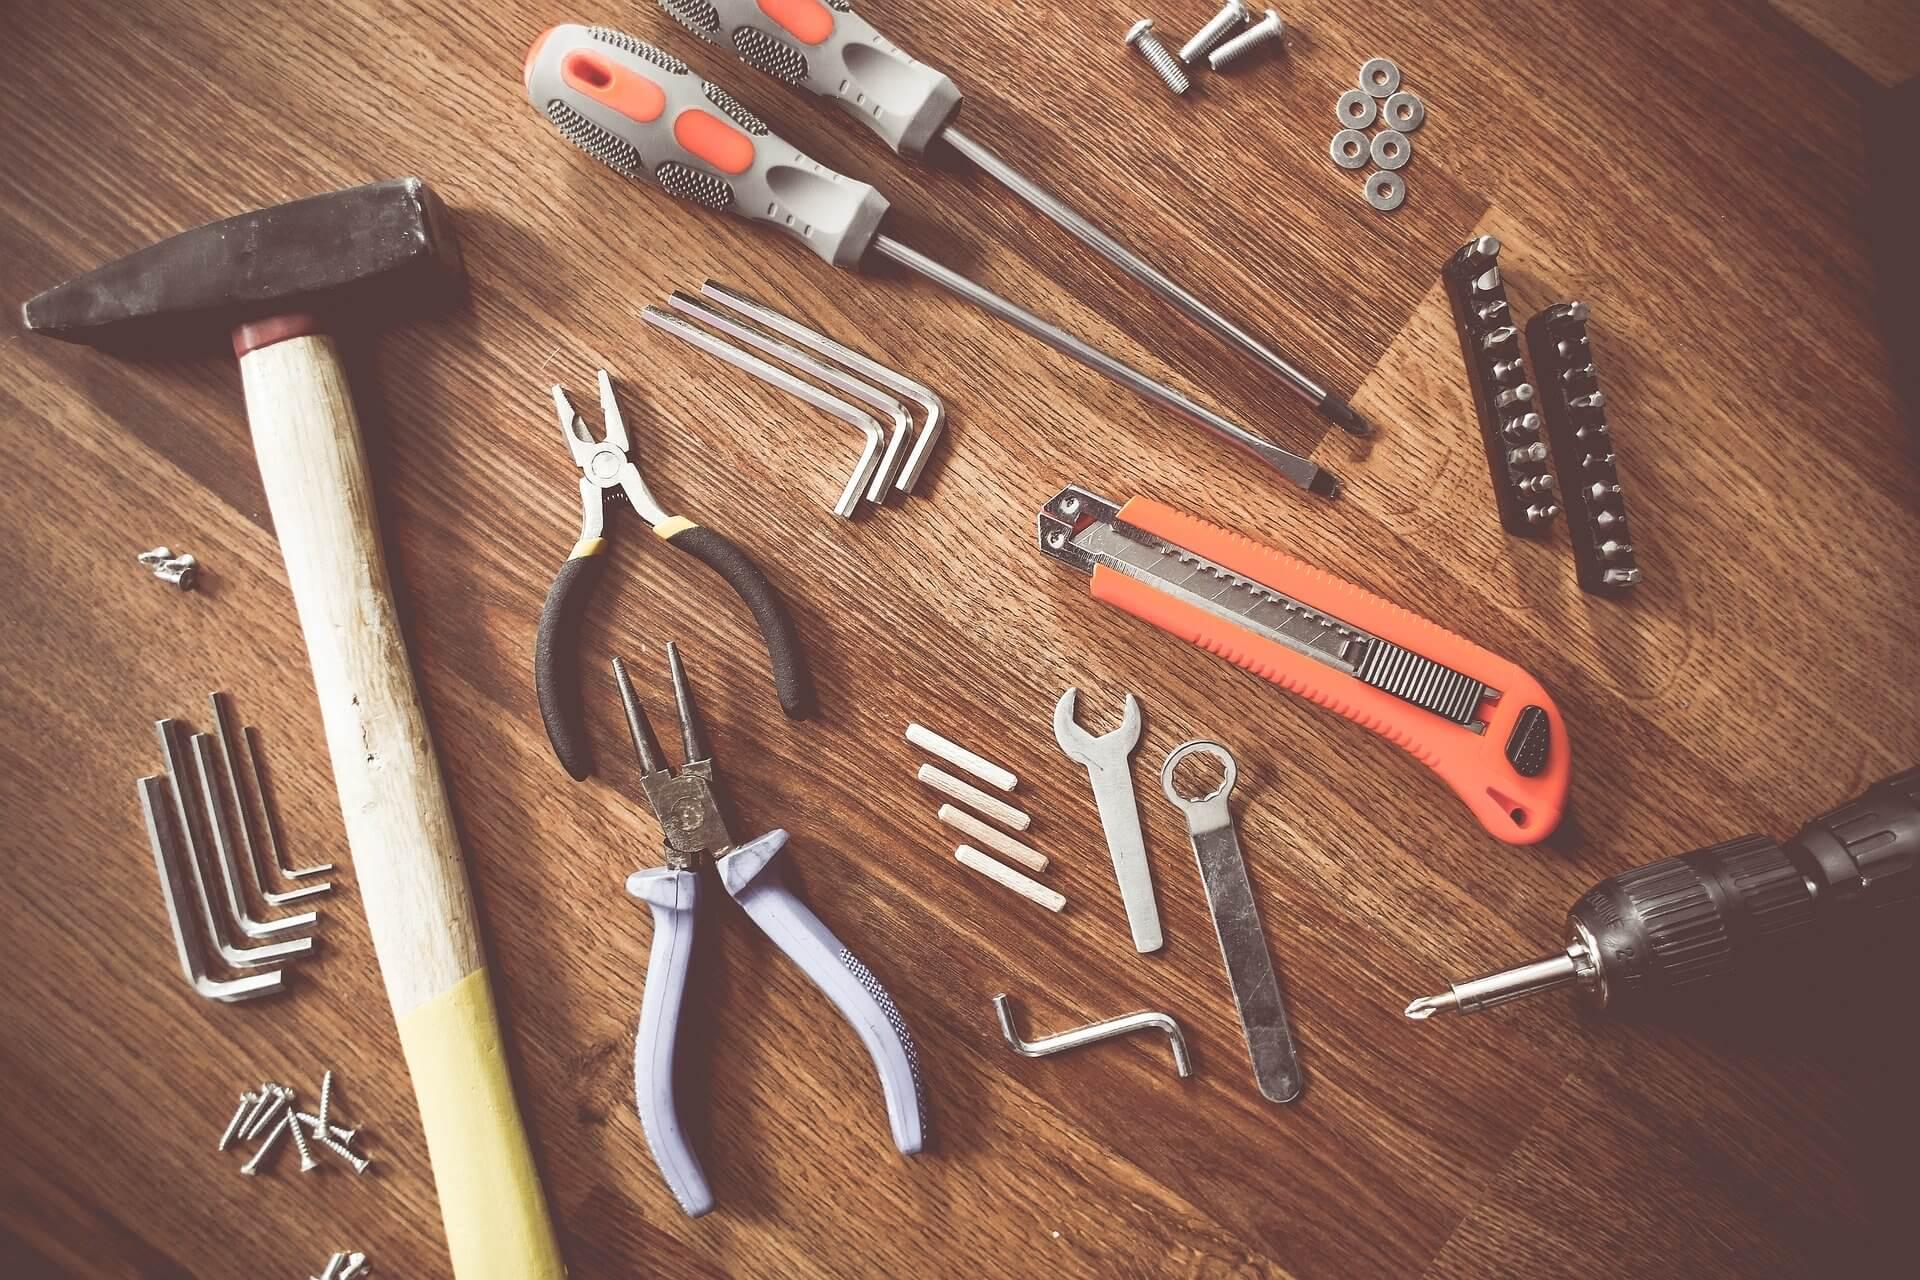 tools-864983_1920 店舗補修は個人でできる?DIYのメリットとデメリットについてご紹介します!